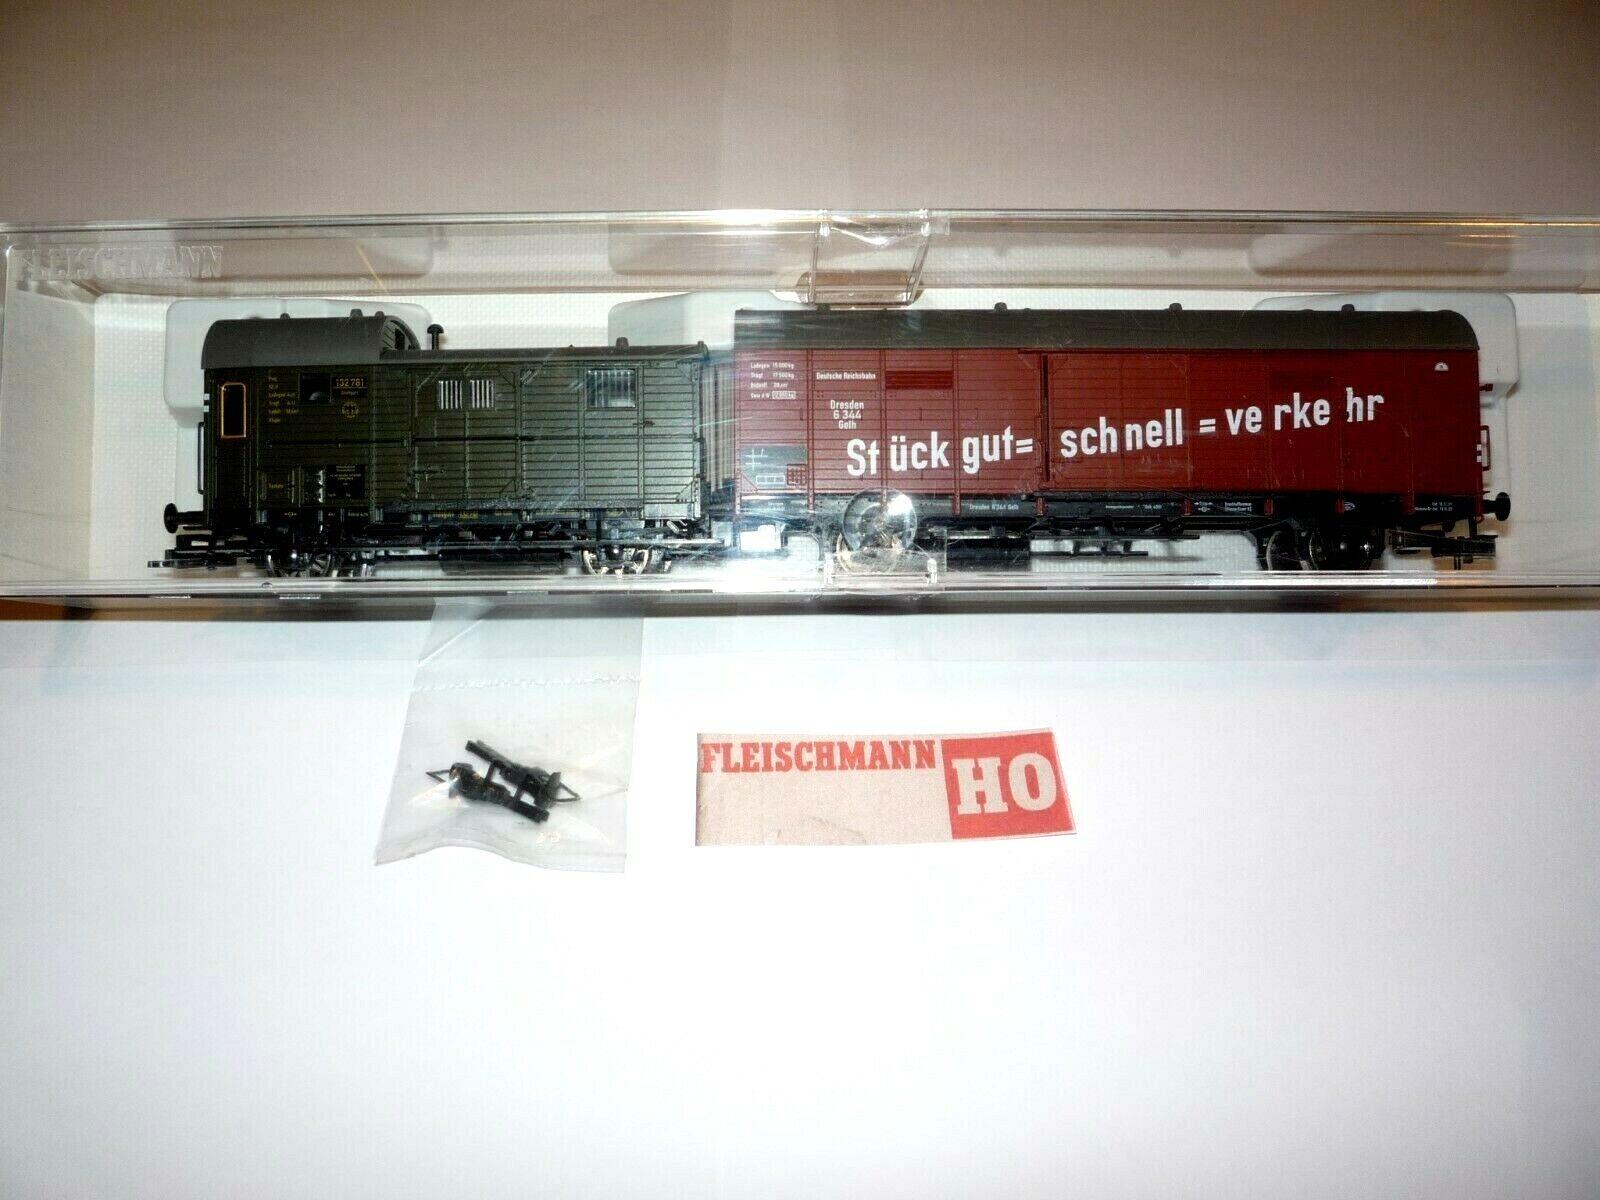 H2 FLESCHMANN 5305 WAGENSET LET G-UNITA' ATTREZ.RAPIDASieT.TRASPORTI DRG.